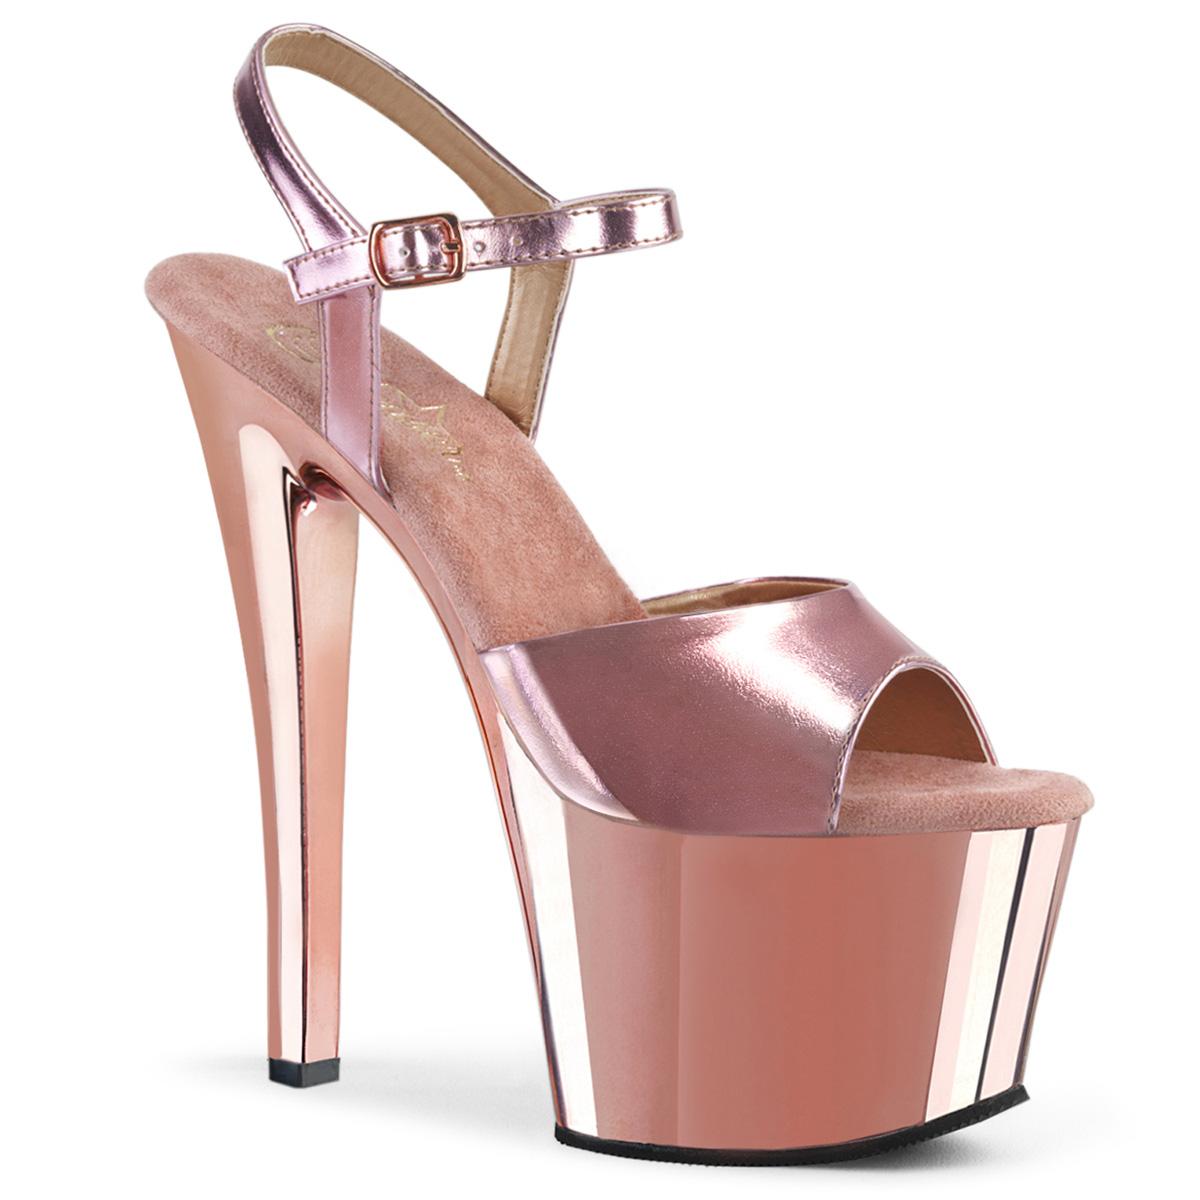 3edf65d3762 Platform High-Heeled Sandal SKY-309 - Rose Gold